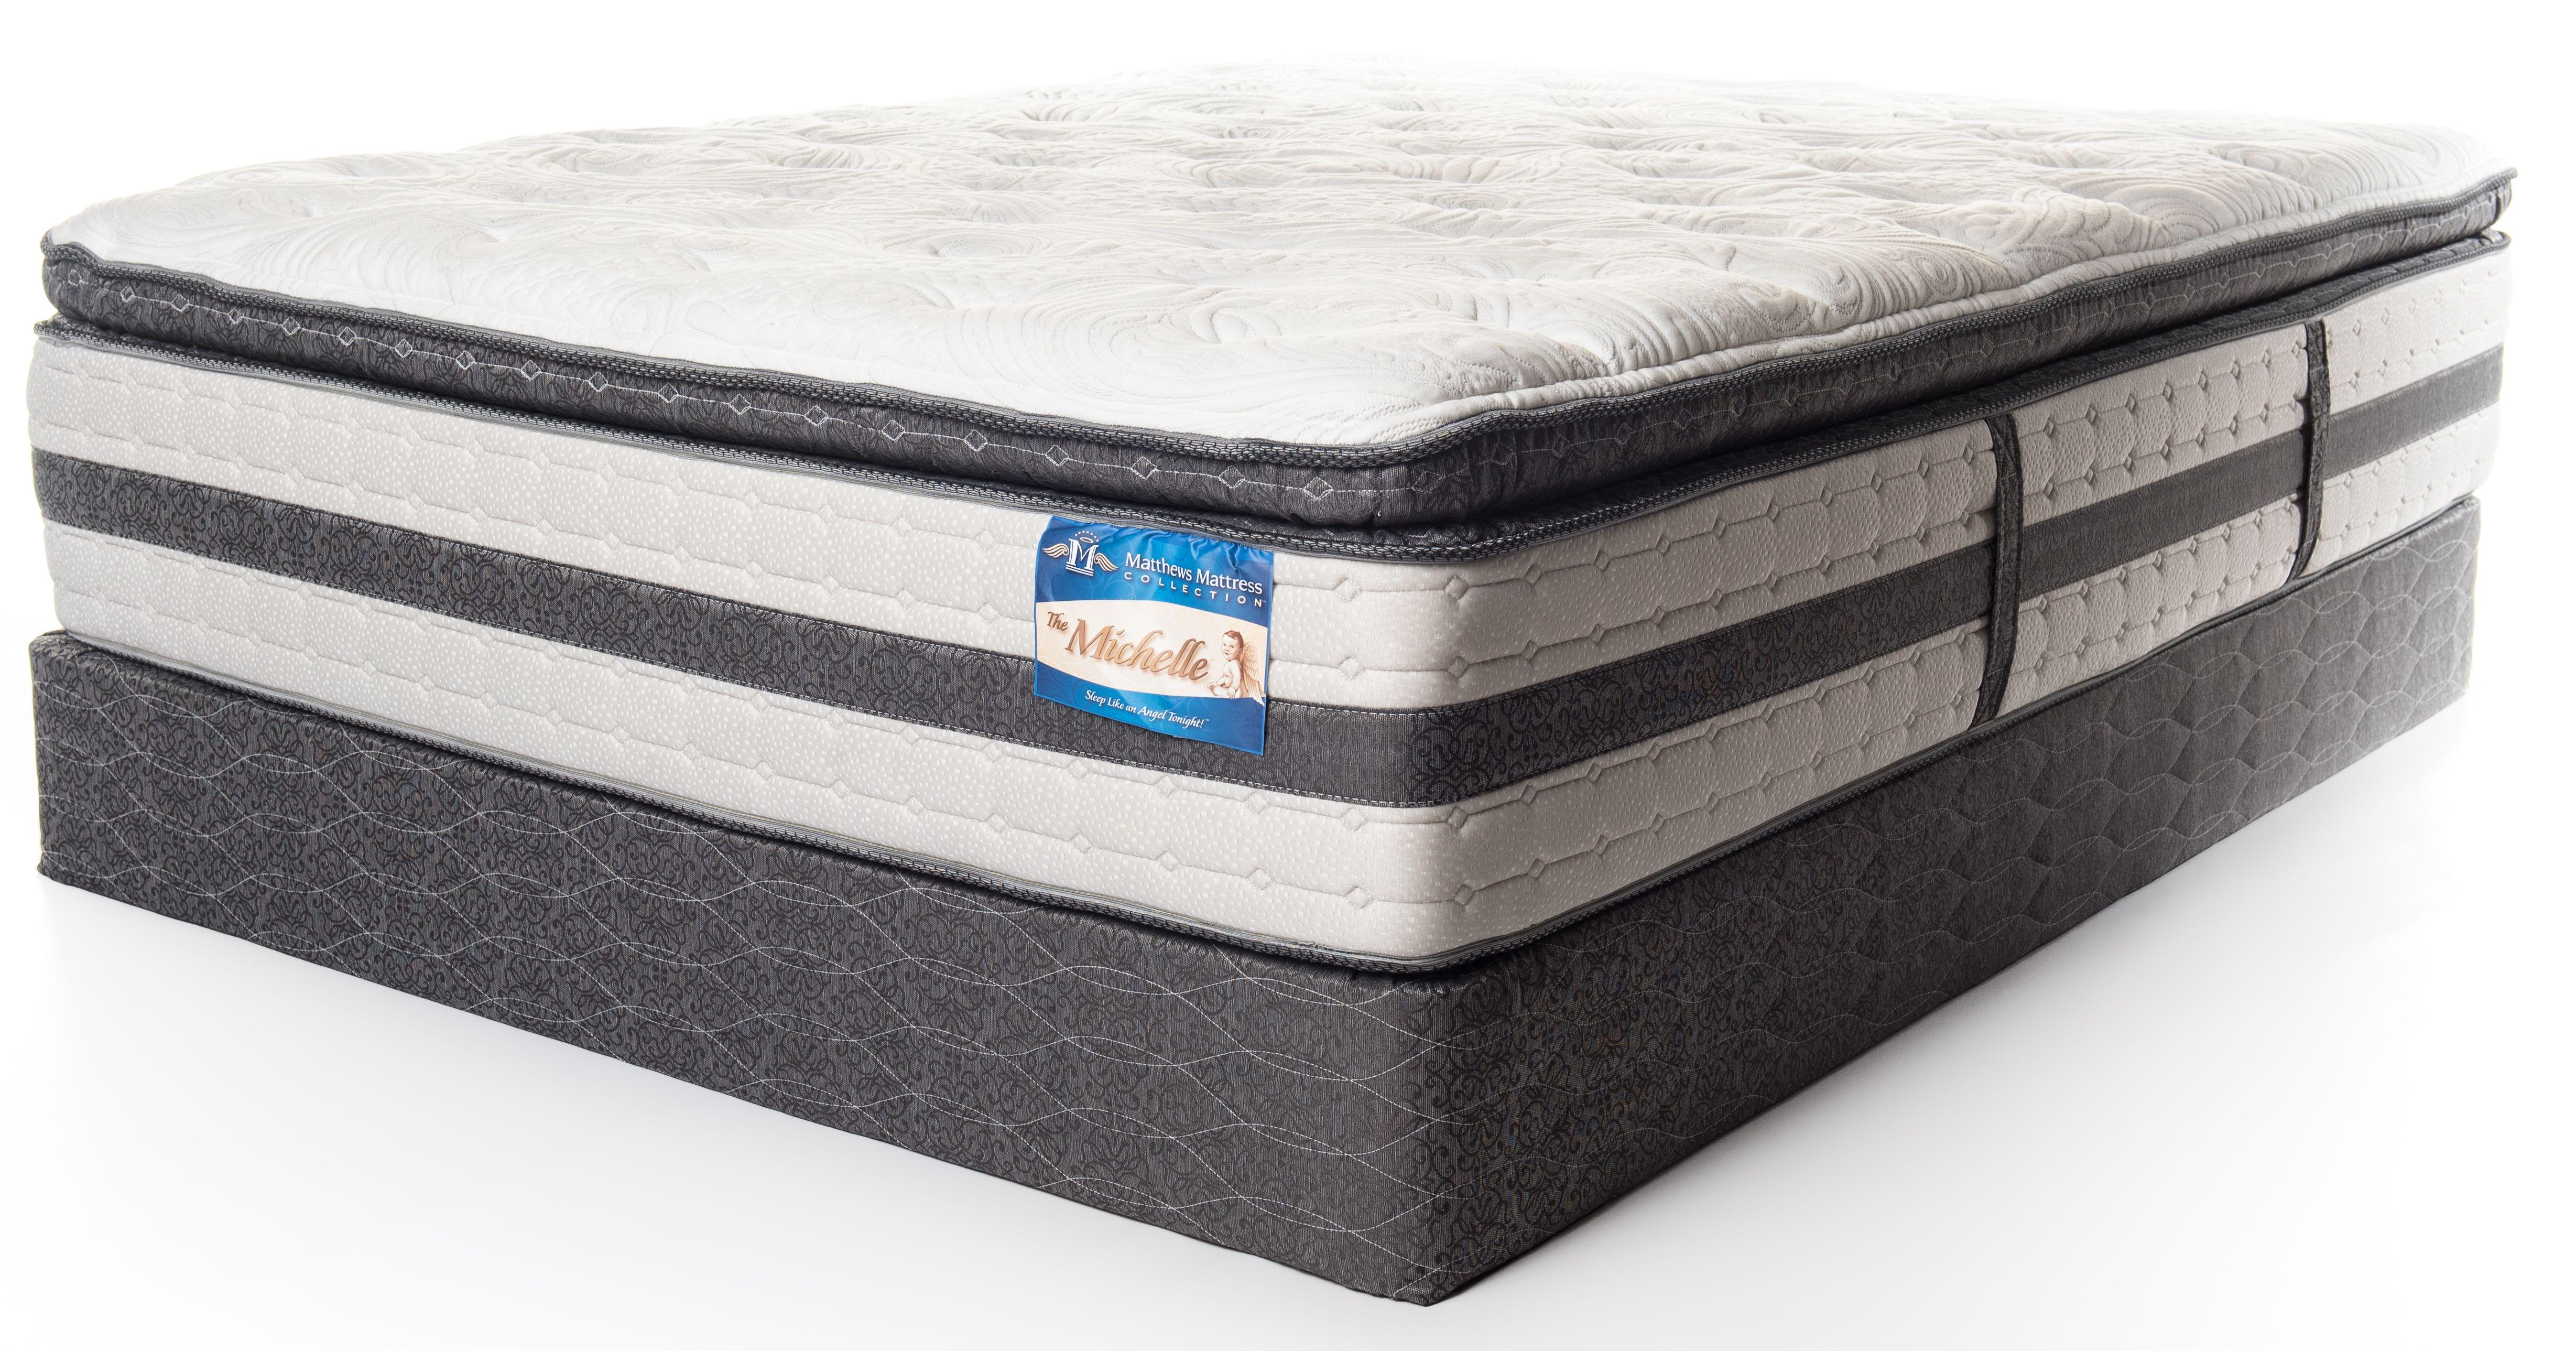 pillow top mattress twin. Matthews Mattress Premium Collection Michelle Pillow Top Mattress-Twin XL-Michelle-PT-TXL-Michelle-PT-TXL Twin L